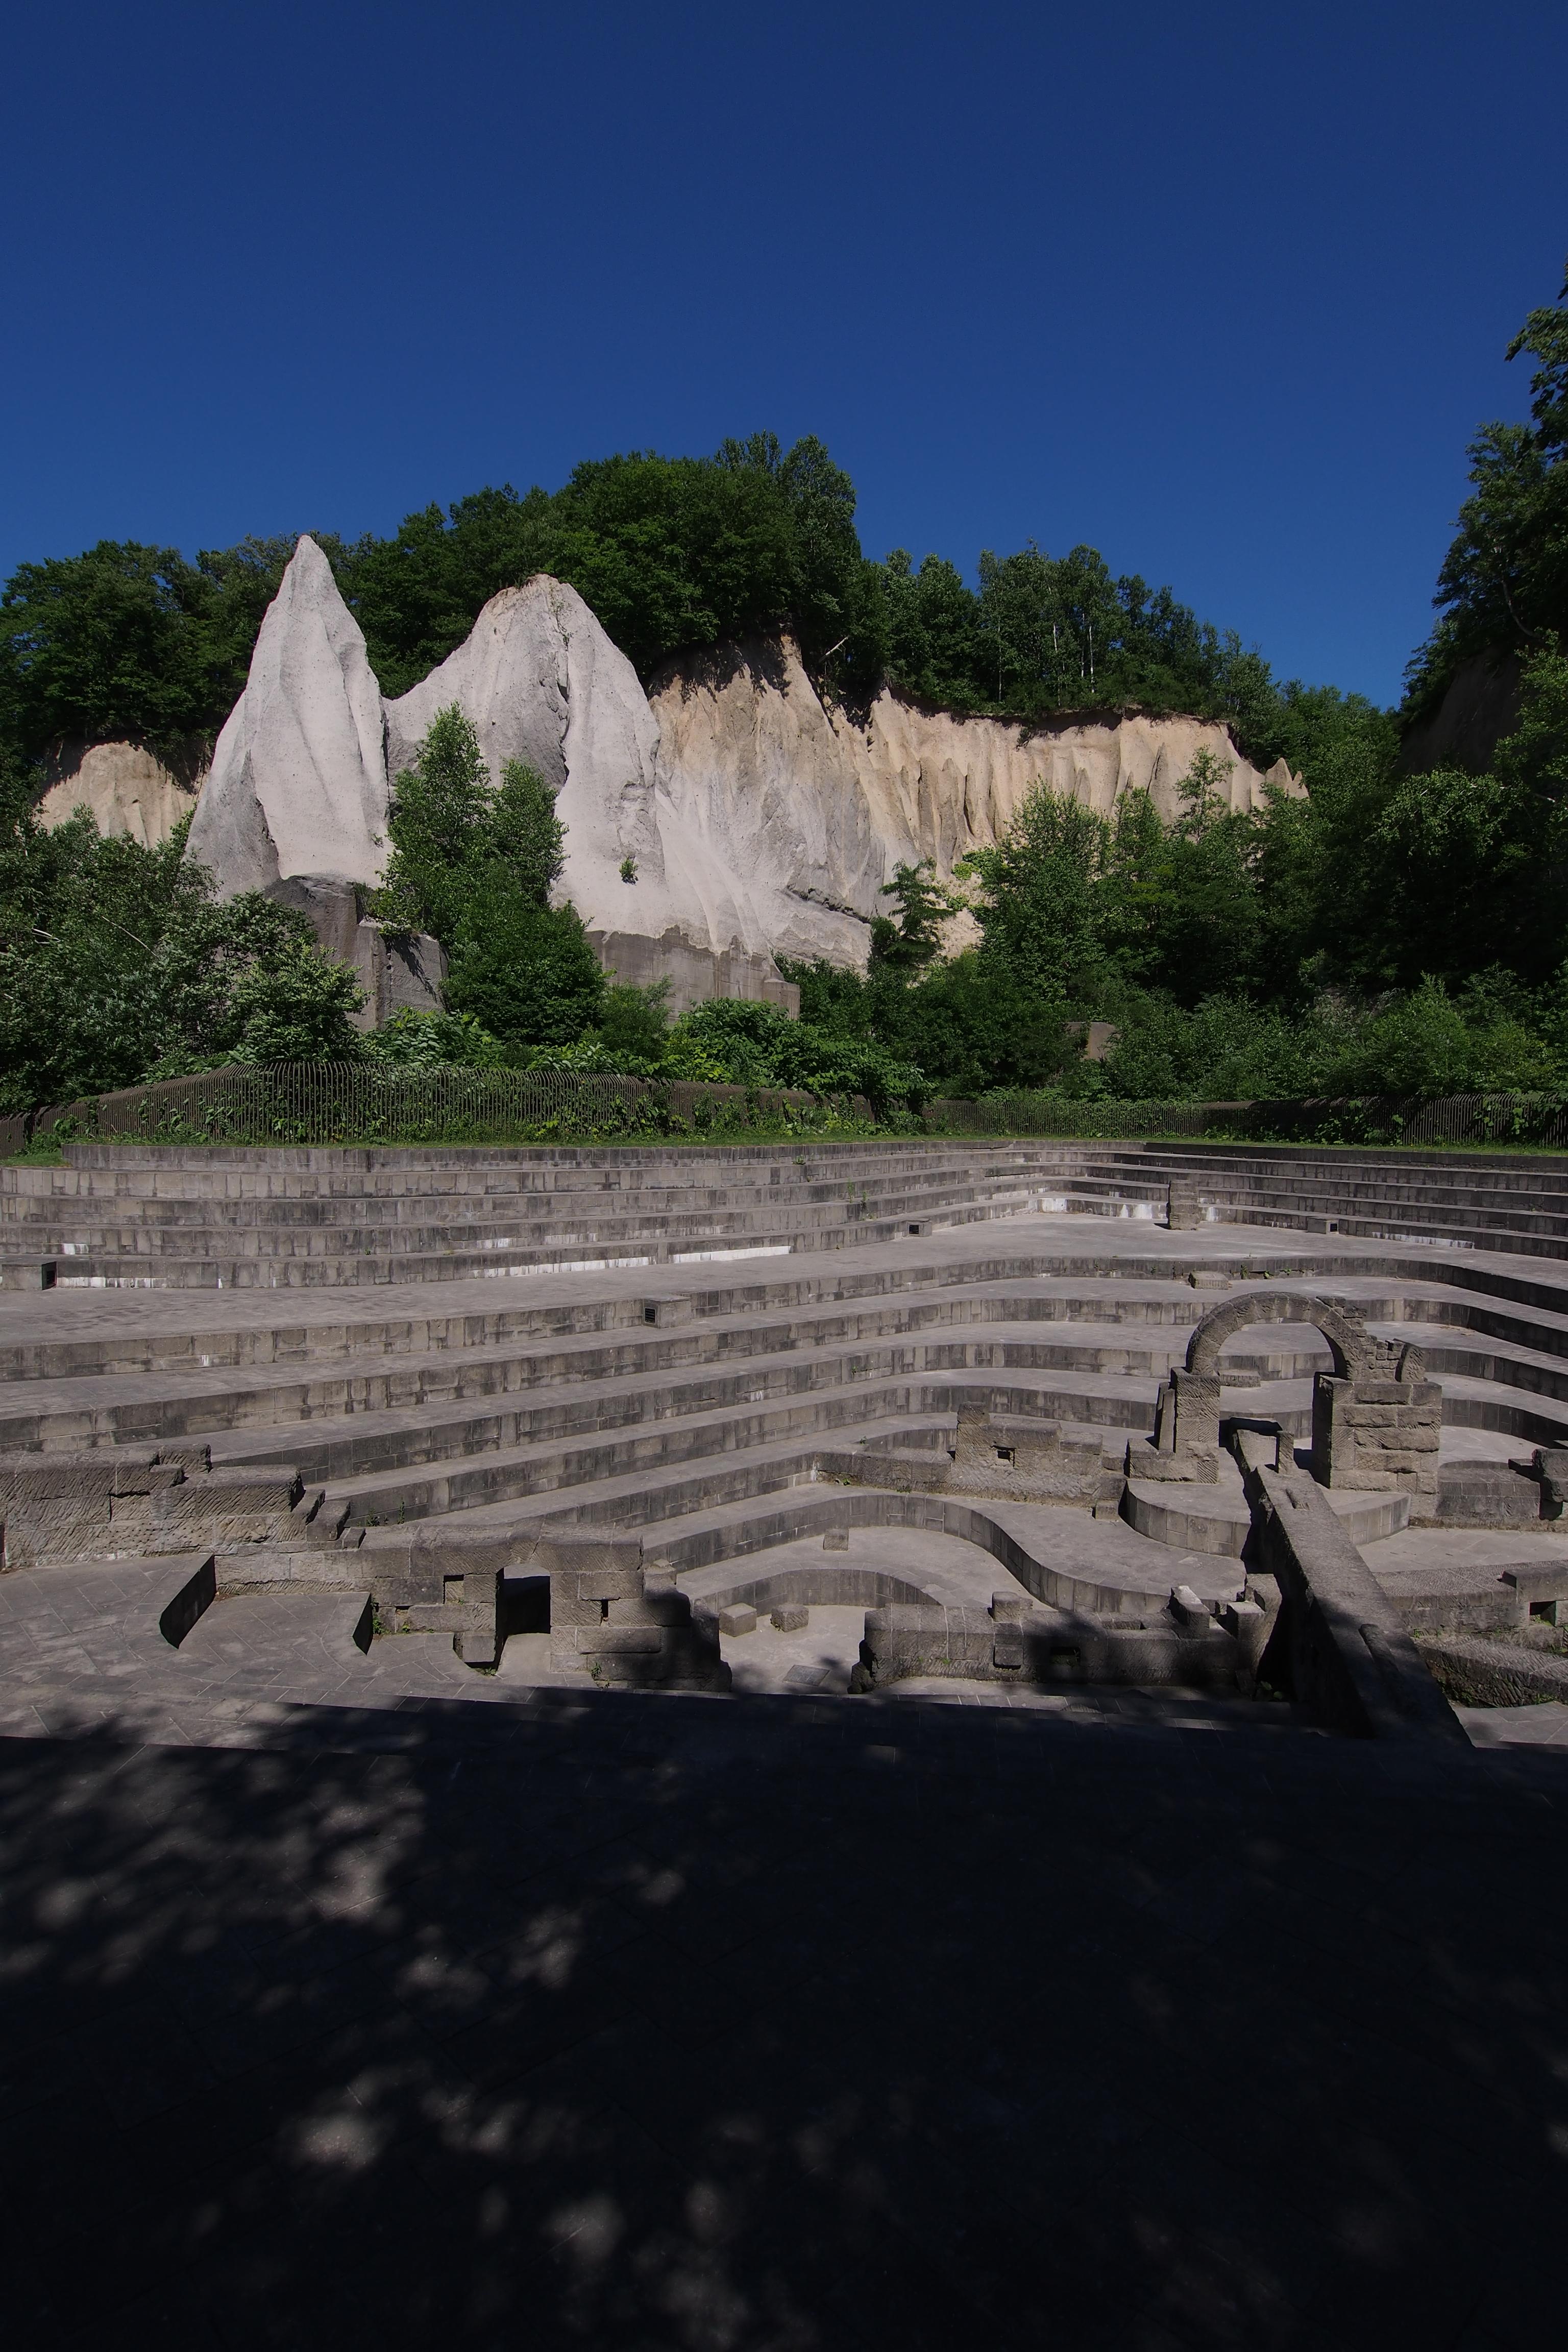 今回は、石山緑地というところに行ってきた。札幌軟石という石材の石切場の跡地を利用した公園で、およそ日本っぽくない景観が楽しめる。M.ZUIKO DIGITAL ED 9-18mm F4-5.6 / 1/1,600秒 / F6.3 / -0.7EV / ISO200 / 絞り優先AE / WB:オート / 9mm